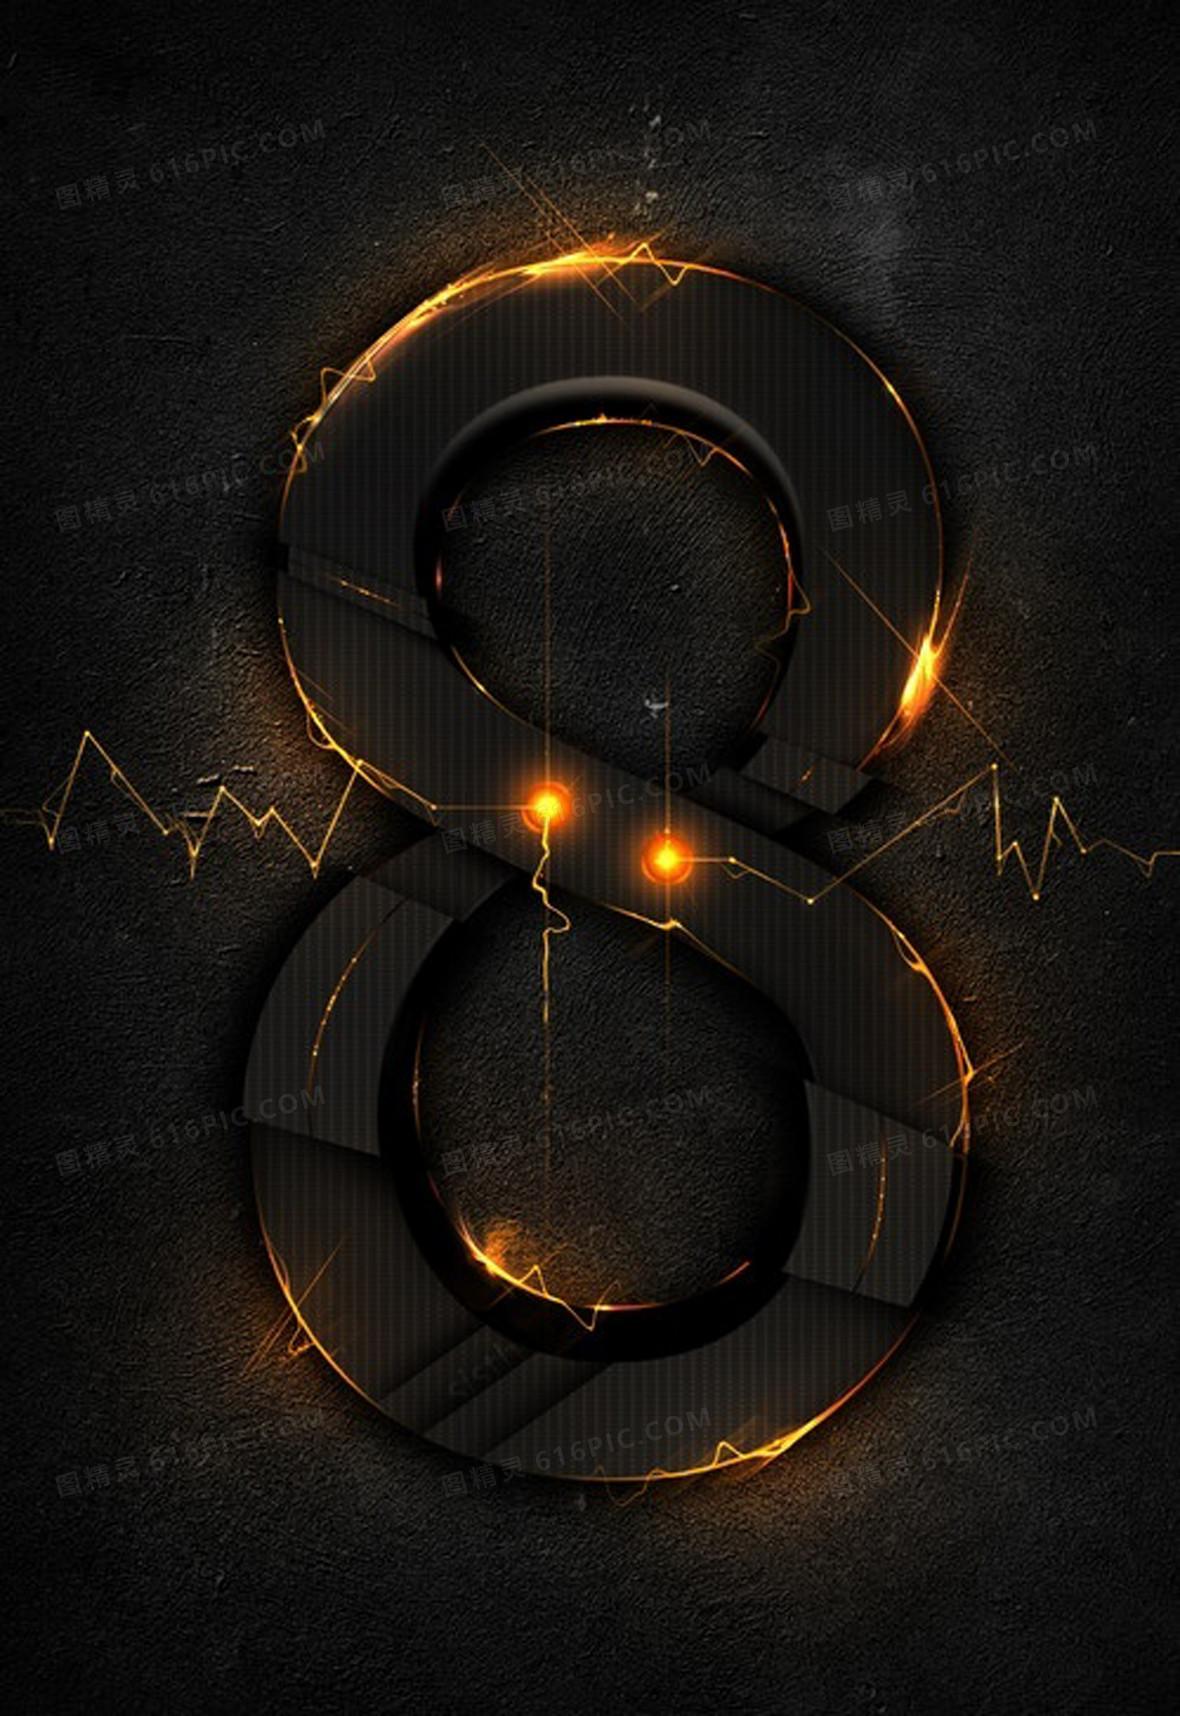 黑色质感双圈8海报背景素材